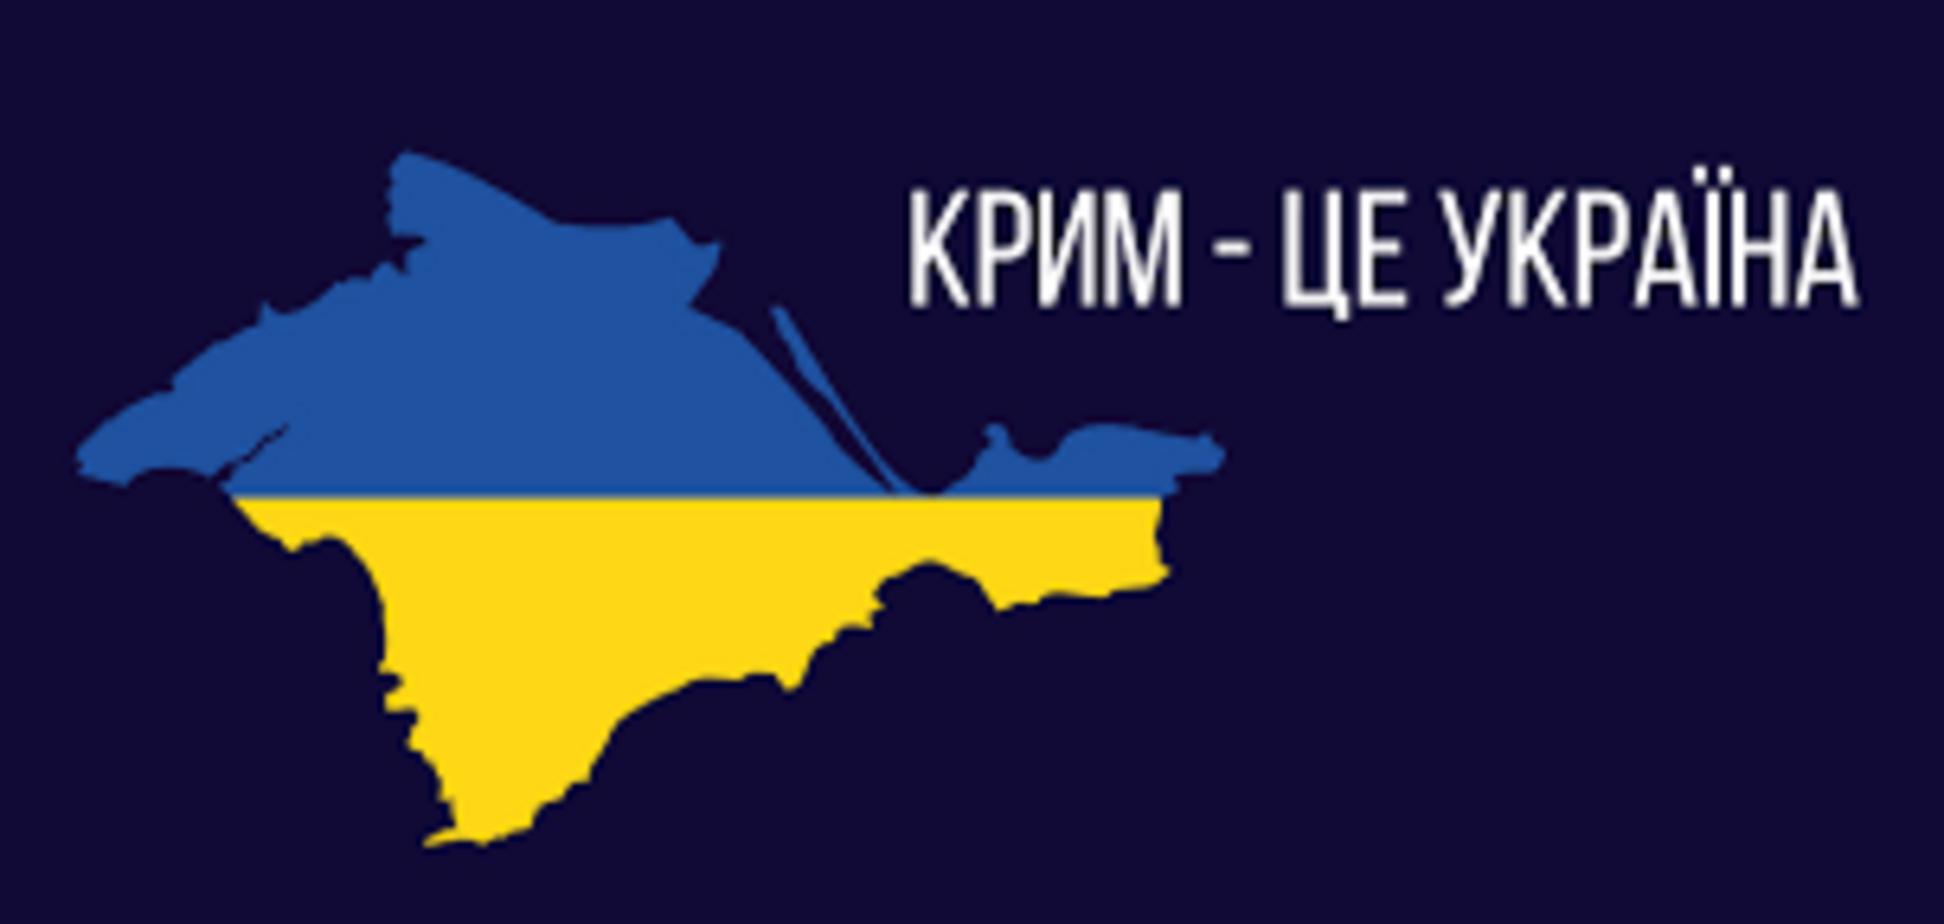 Росія анексувала український півострів Крим в березні 2014 року